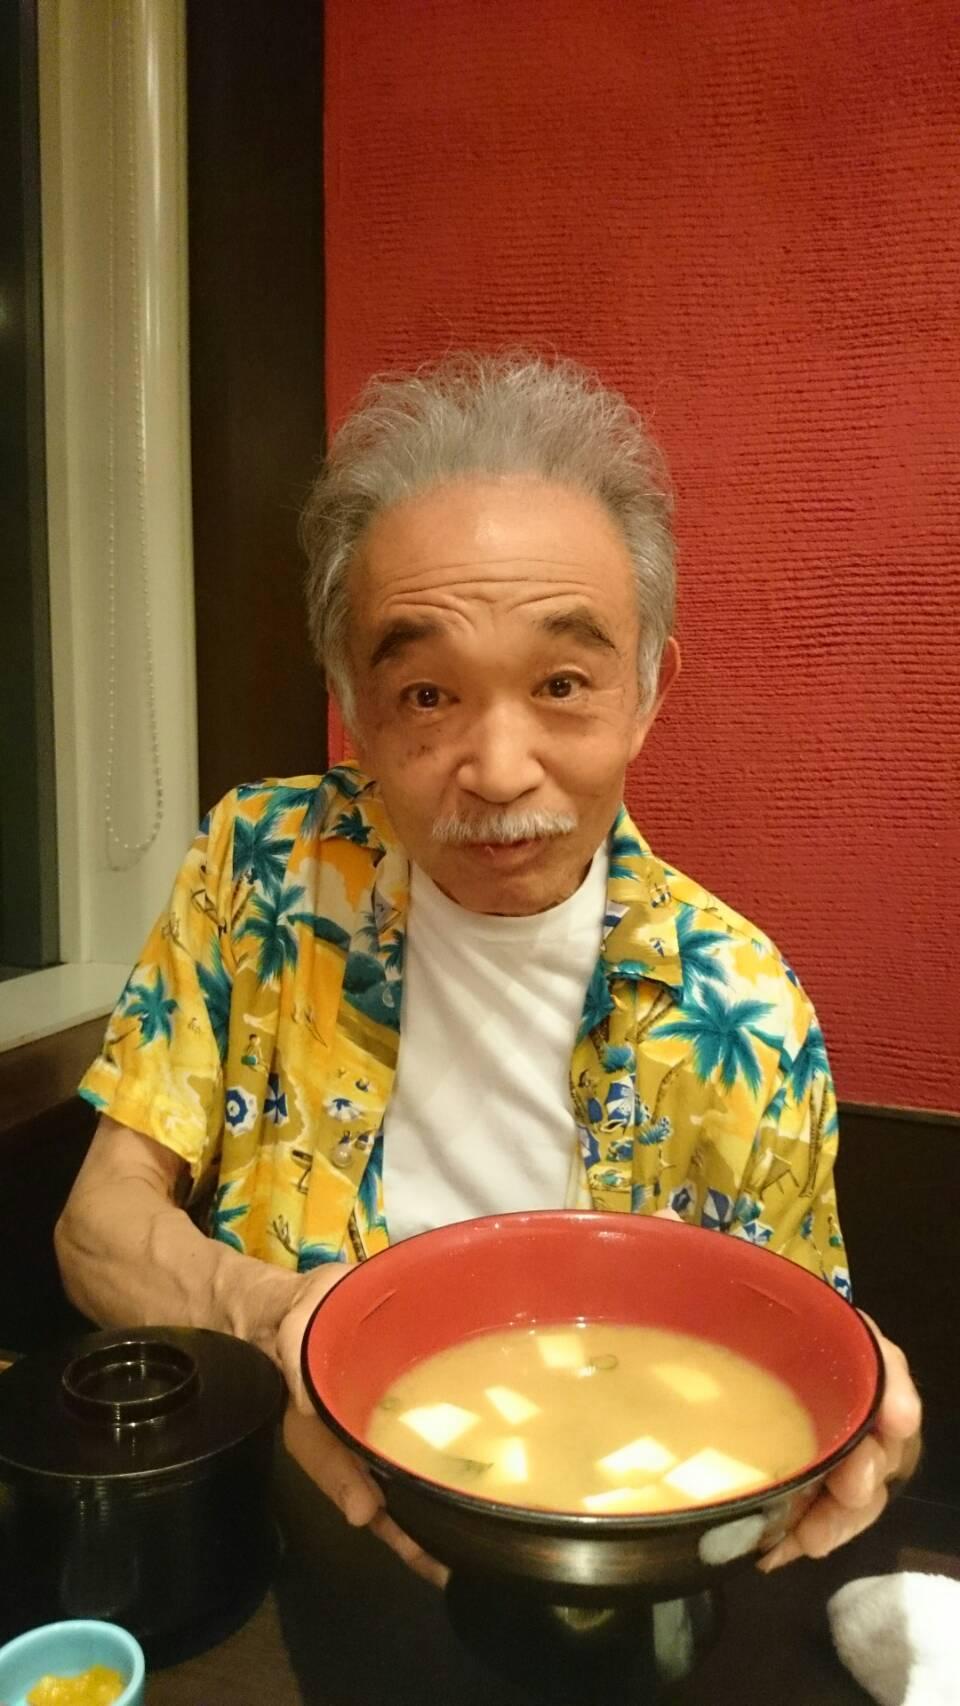 巨大な味噌汁にビックリのパンダ_b0096957_22515169.jpg